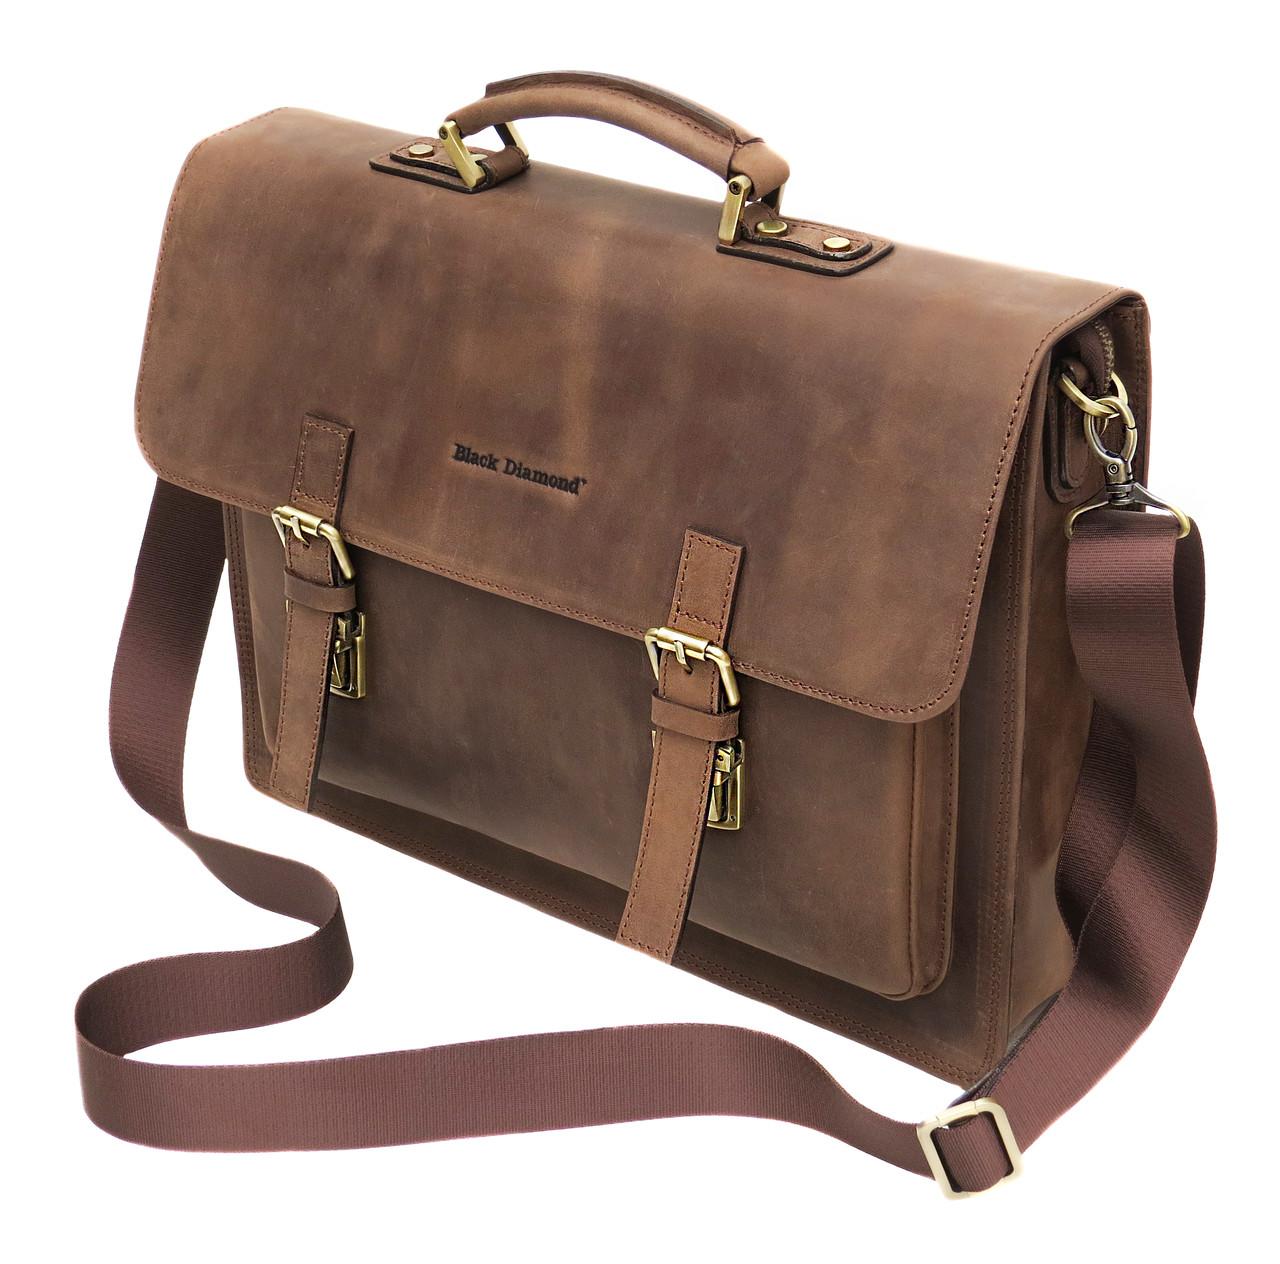 981e377e2a79 Мужской кожаный портфель Black Diamond BD50v1C - Интернет-магазин сумок